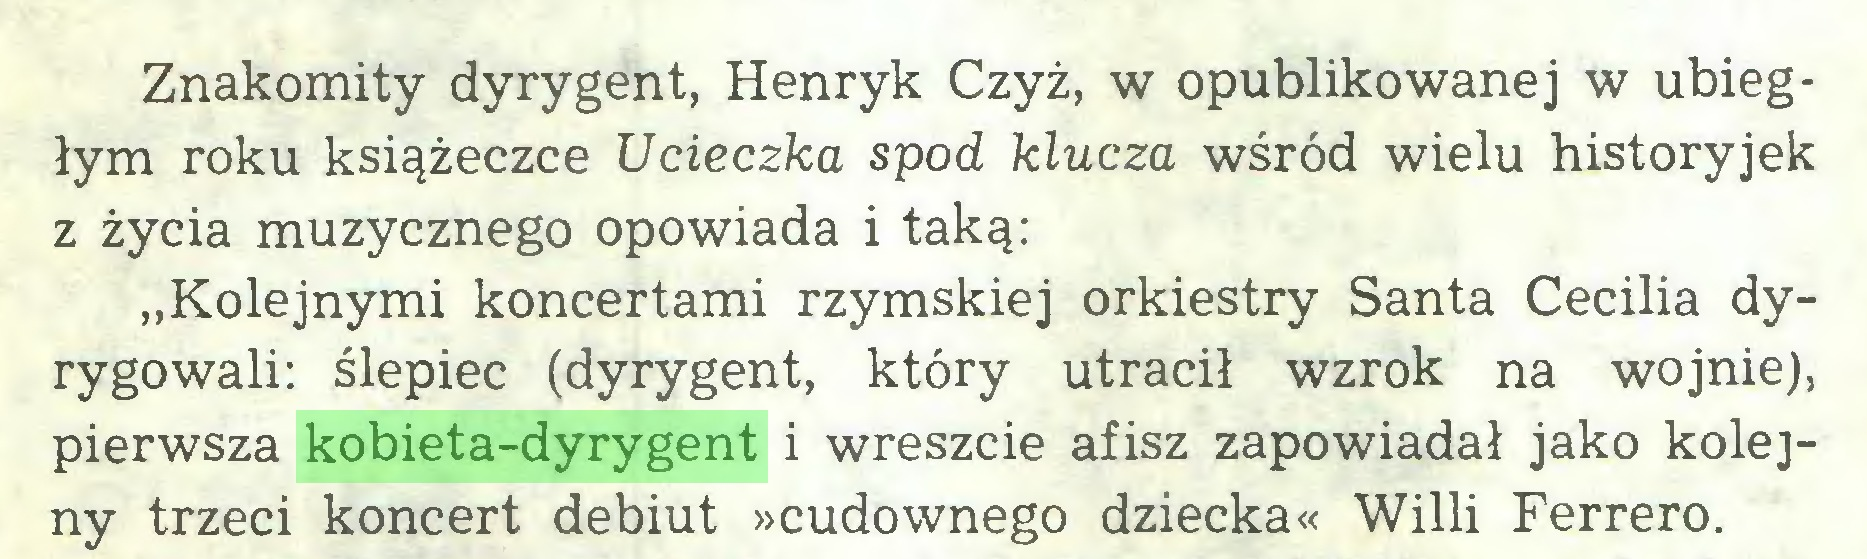 """(...) Znakomity dyrygent, Henryk Czyż, w opublikowanej w ubiegłym roku książeczce Ucieczka spod klucza wśród wielu historyjek z życia muzycznego opowiada i taką: """"Kolejnymi koncertami rzymskiej orkiestry Santa Cecilia dyrygowali: ślepiec (dyrygent, który utracił wzrok na wojnie), pierwsza kobieta-dyrygent i wreszcie afisz zapowiadał jako kolejny trzeci koncert debiut »cudownego dziecka« Willi Ferrero..."""